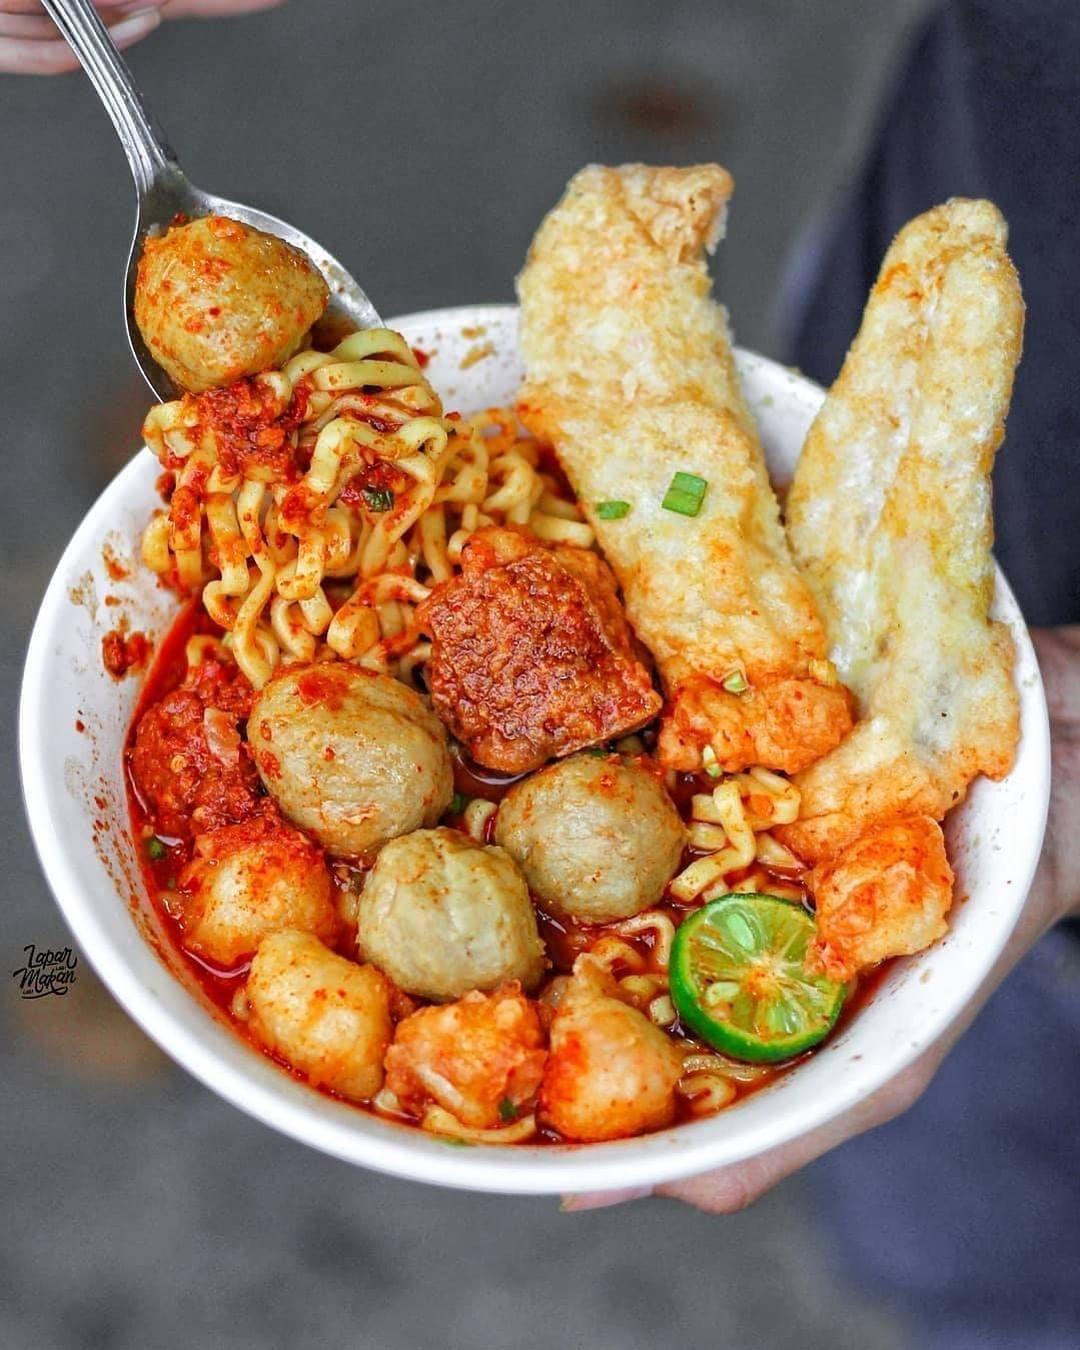 Cuanki Kuah Mie Baso Sapi Cuanki Lidah Tahu Aci Siomay Mini Resep Masakan Pedas Makanan Pedas Makanan Dan Minuman